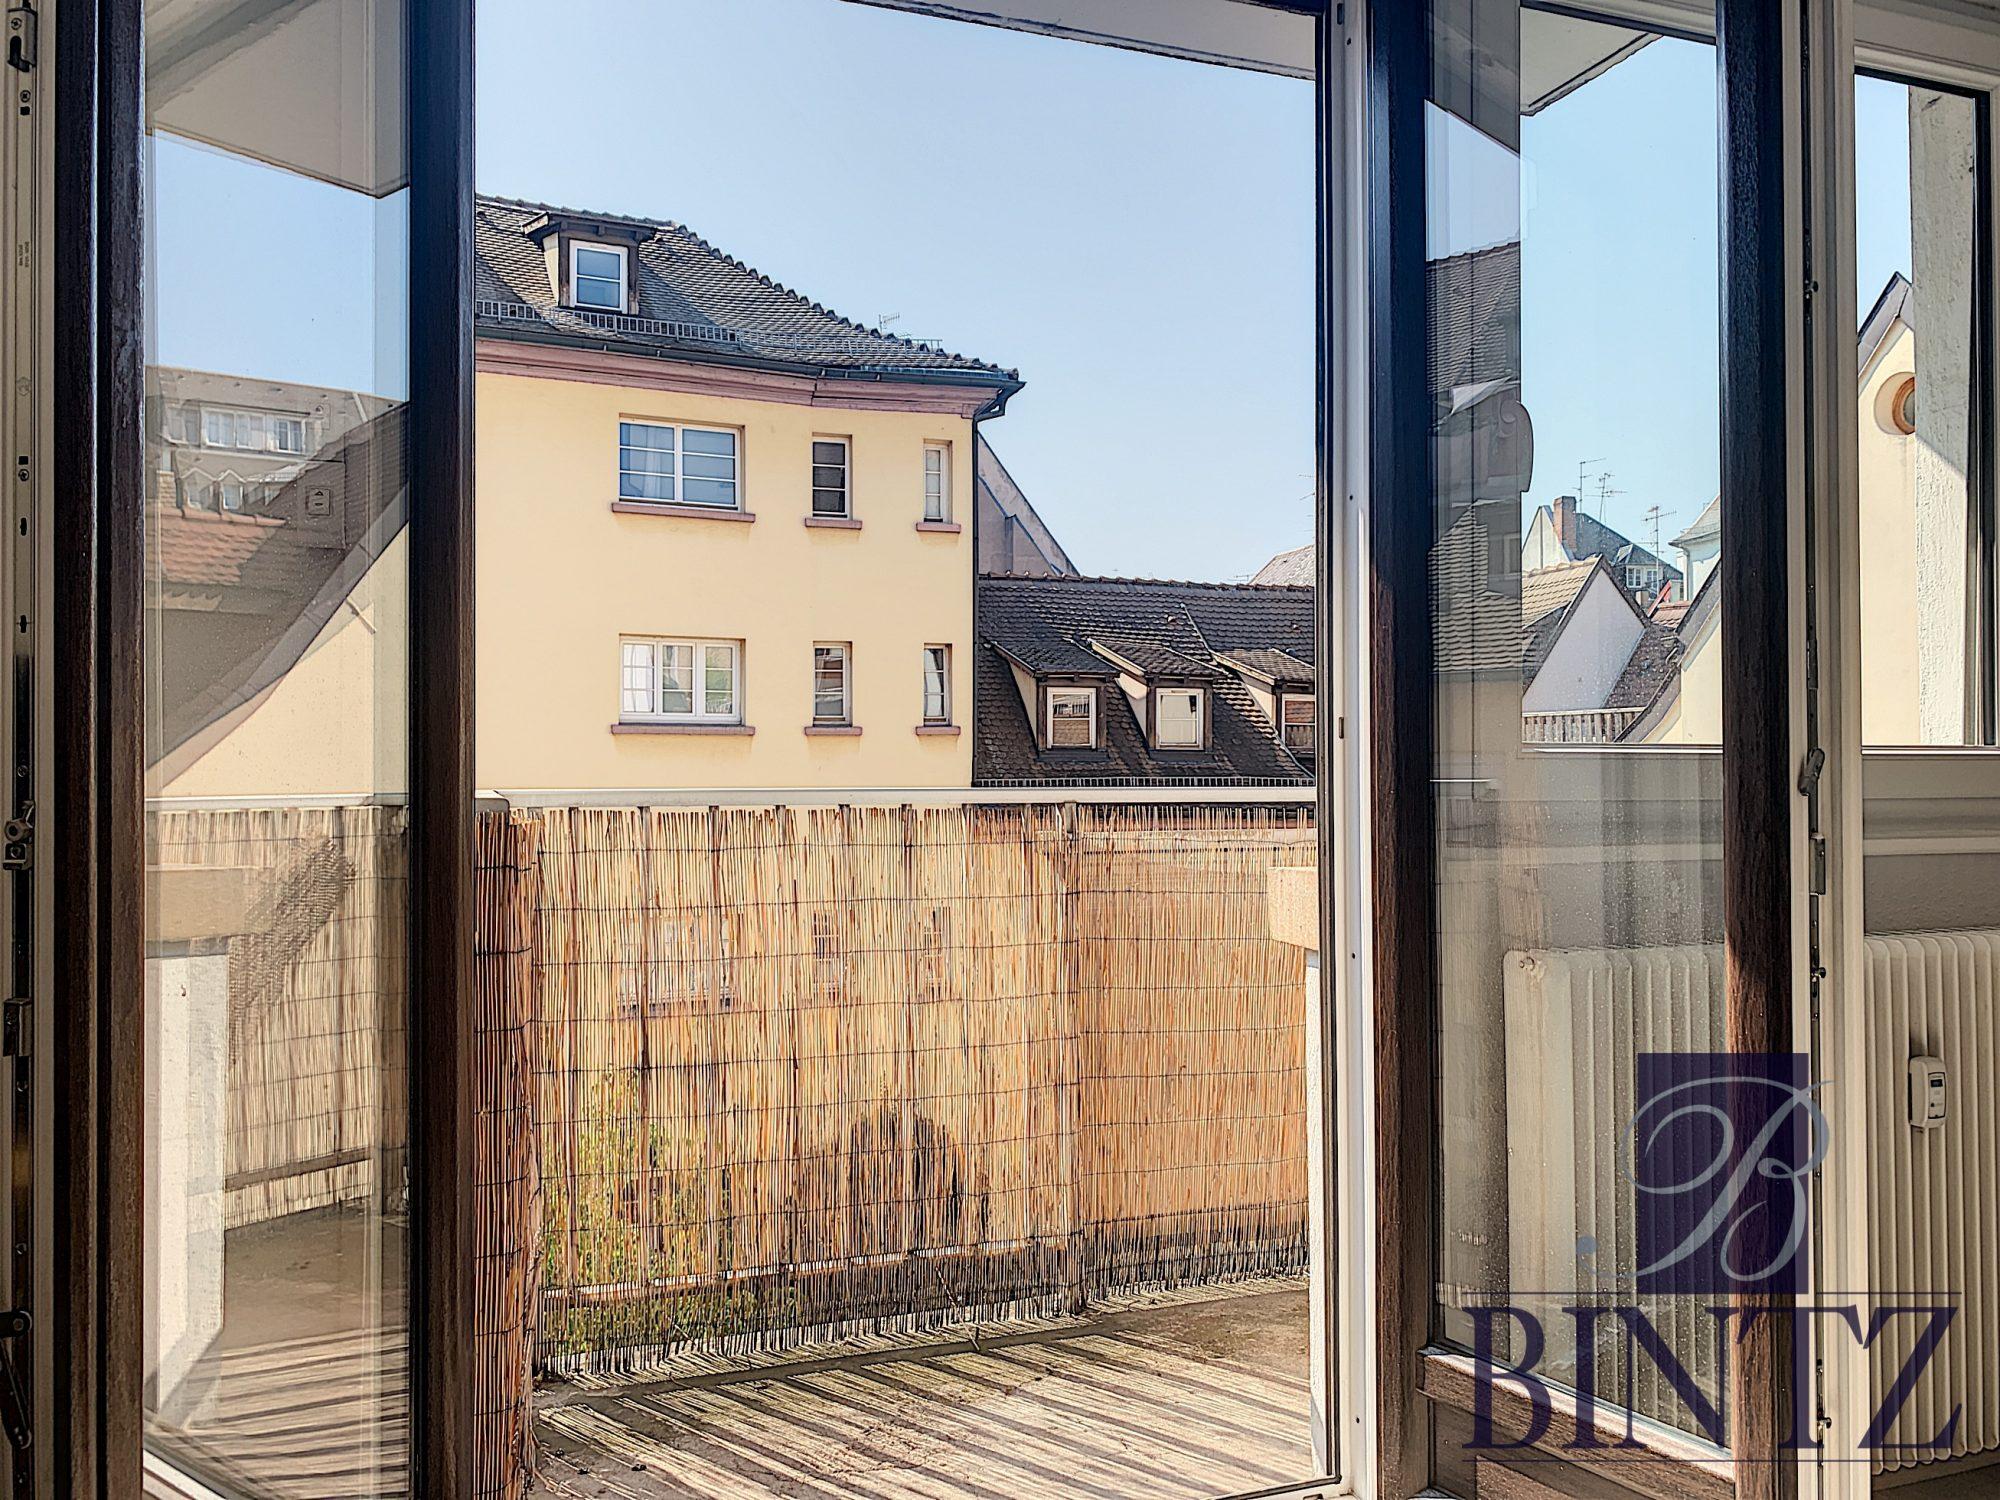 2 PIECES MEUBLE HYPER CENTRE - Devenez locataire en toute sérénité - Bintz Immobilier - 7